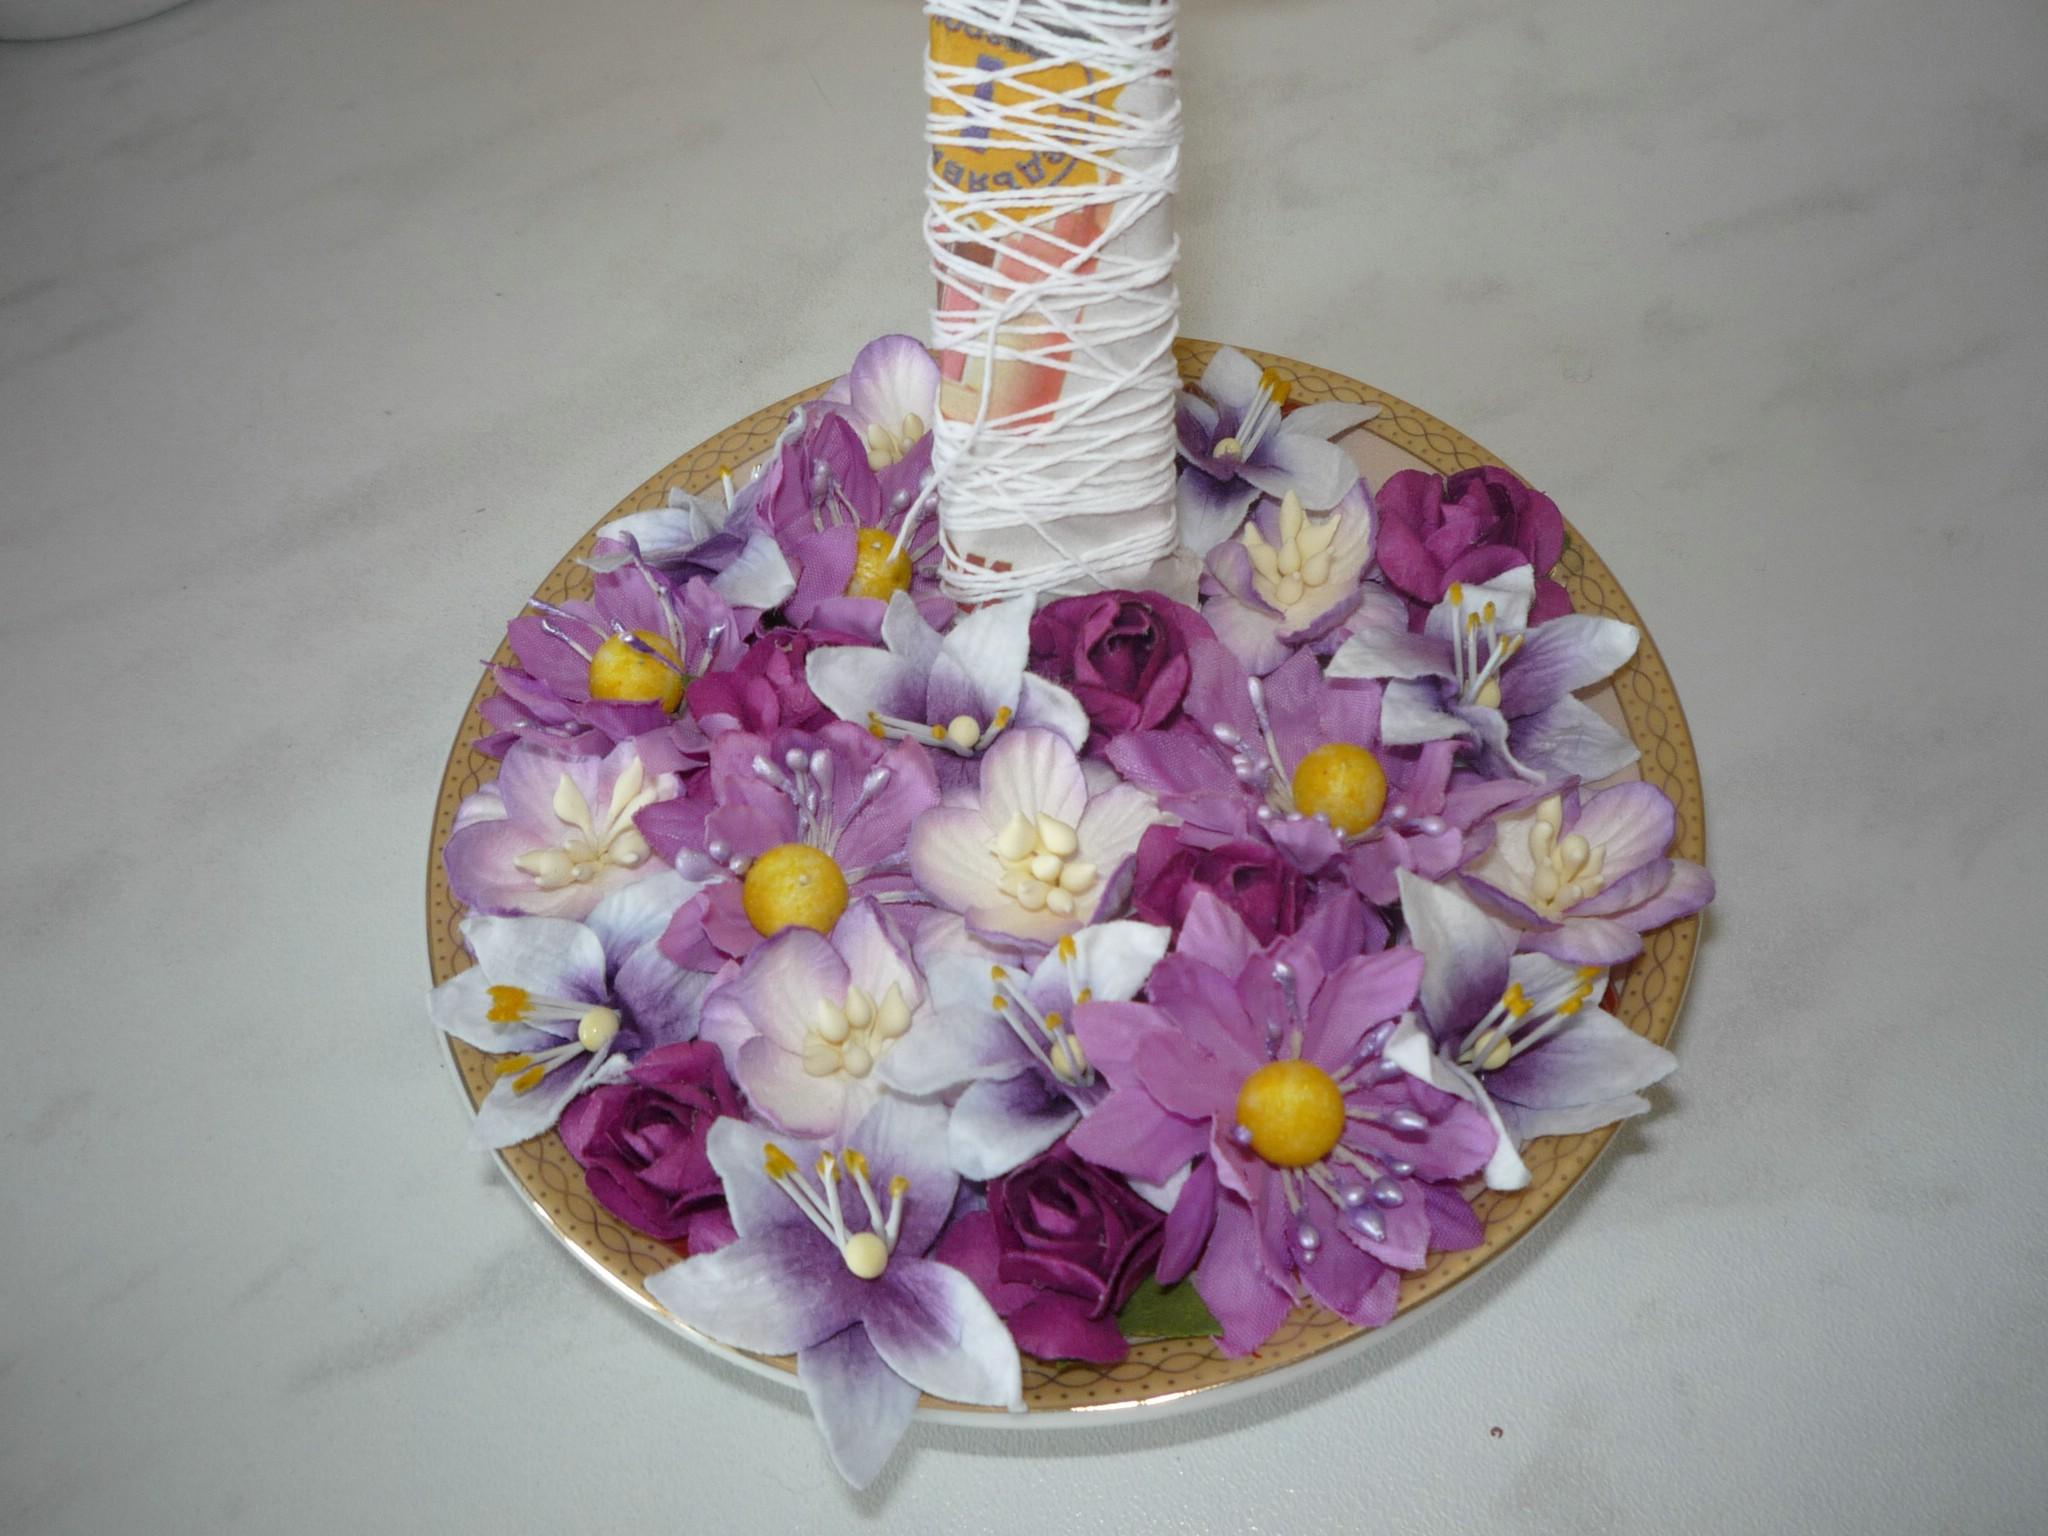 flying-cup-flowers07.jpg